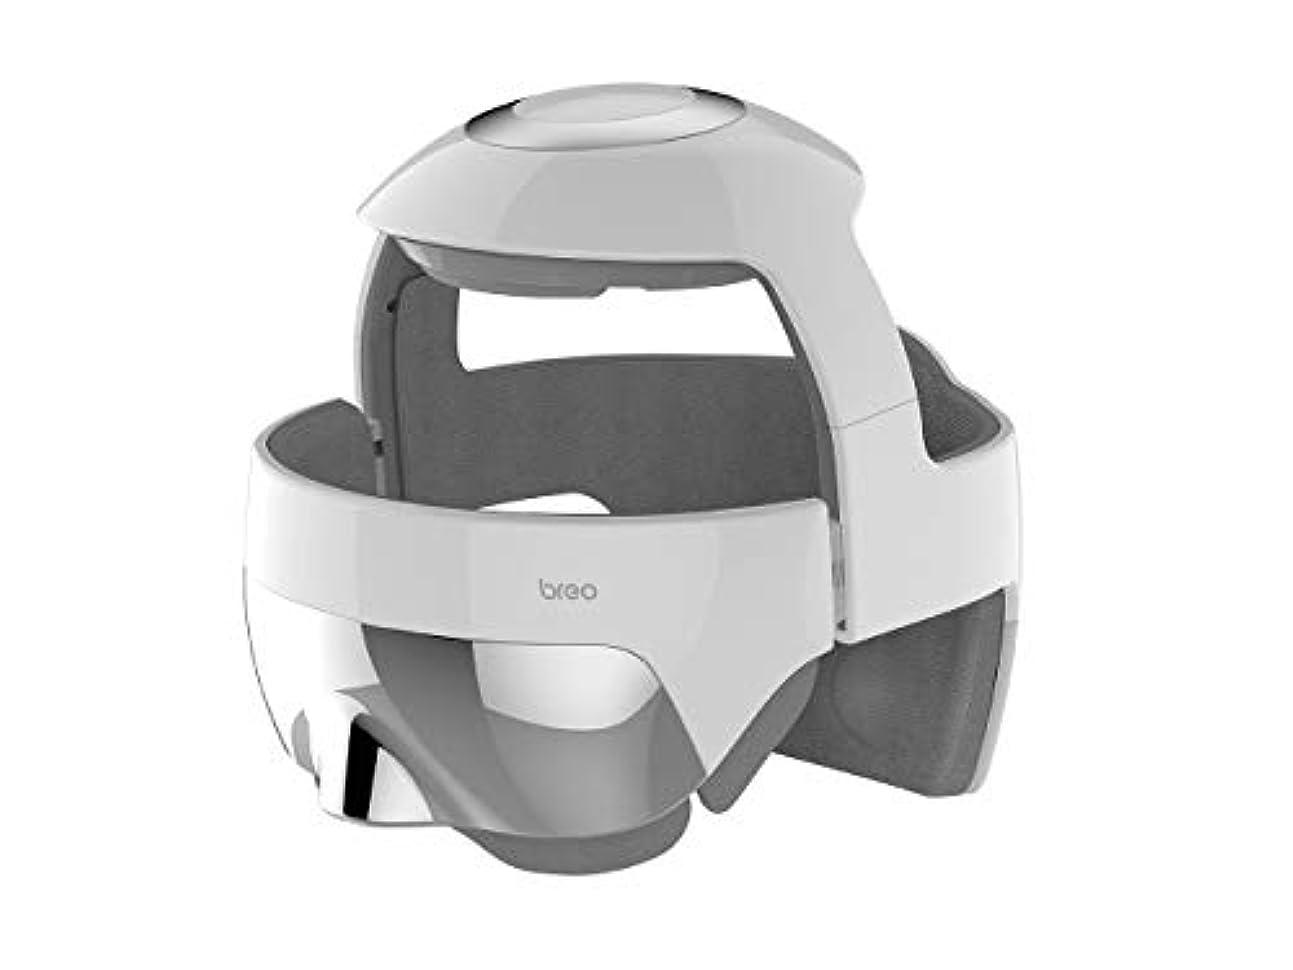 目立つ記念品熟達したbreo(ブレオ) i-Brain5S(アイブレイン5エス) トータルヘッドスパ 頭 目元 USB充電 エア 温め リラックス コードレス メーカー保証有